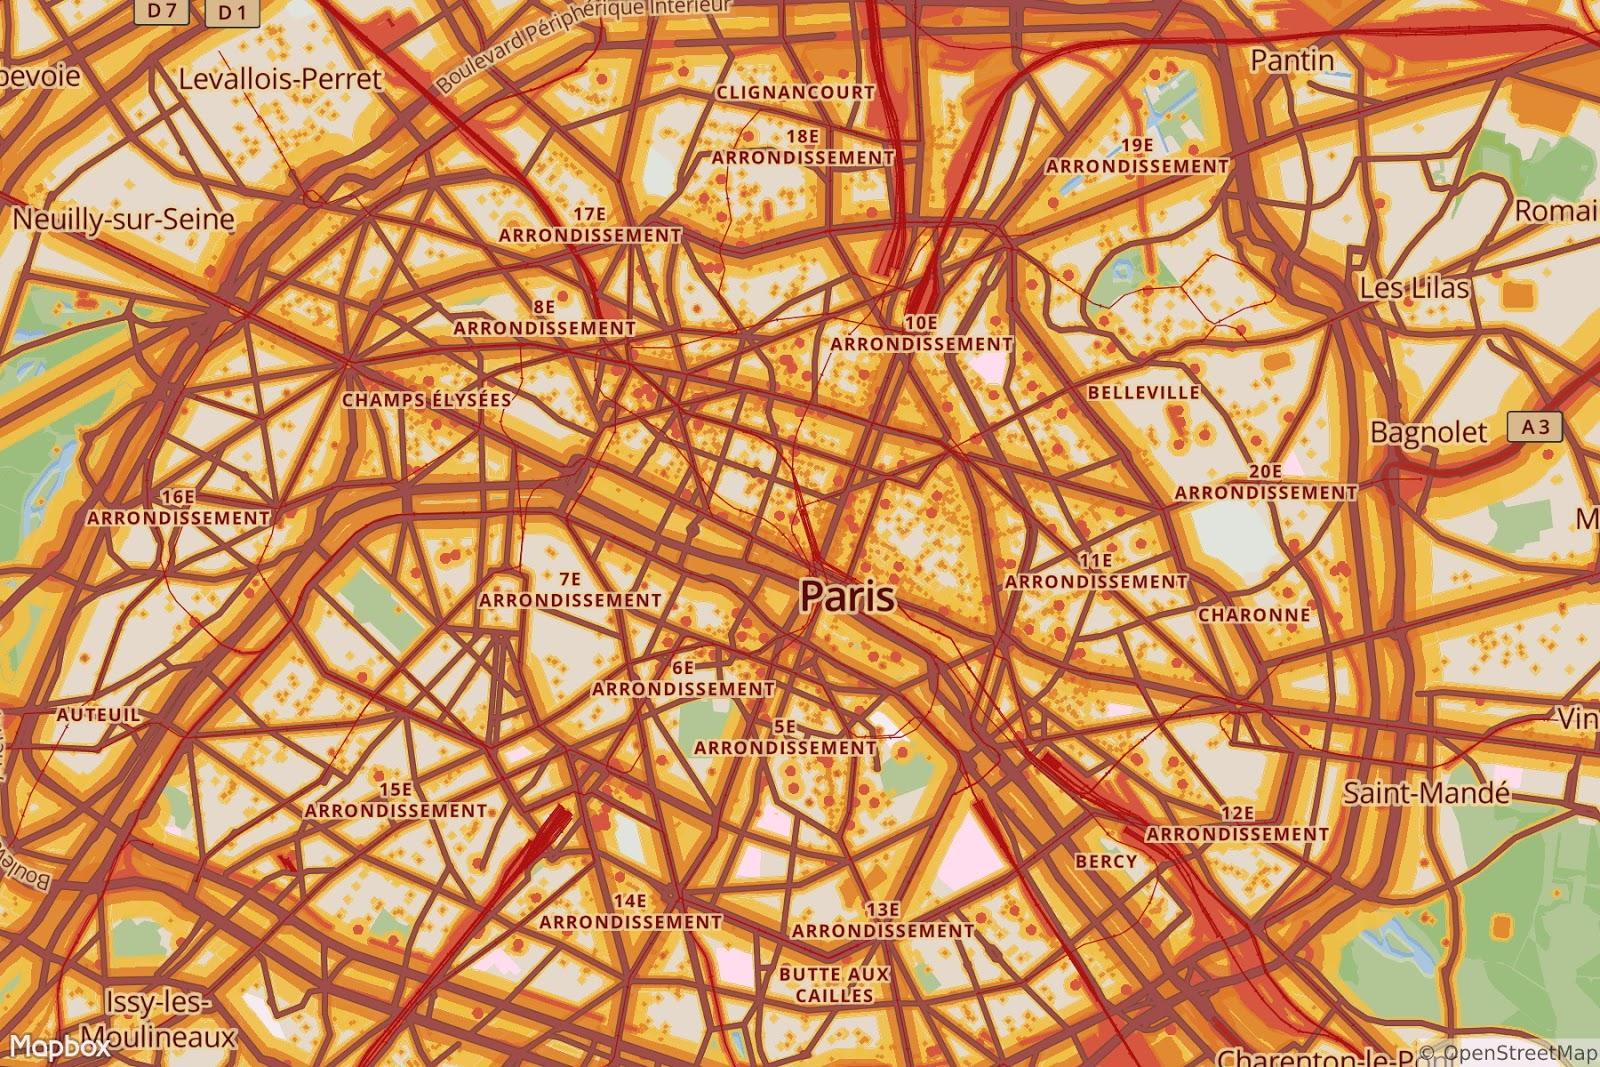 Paris - noise pollution map